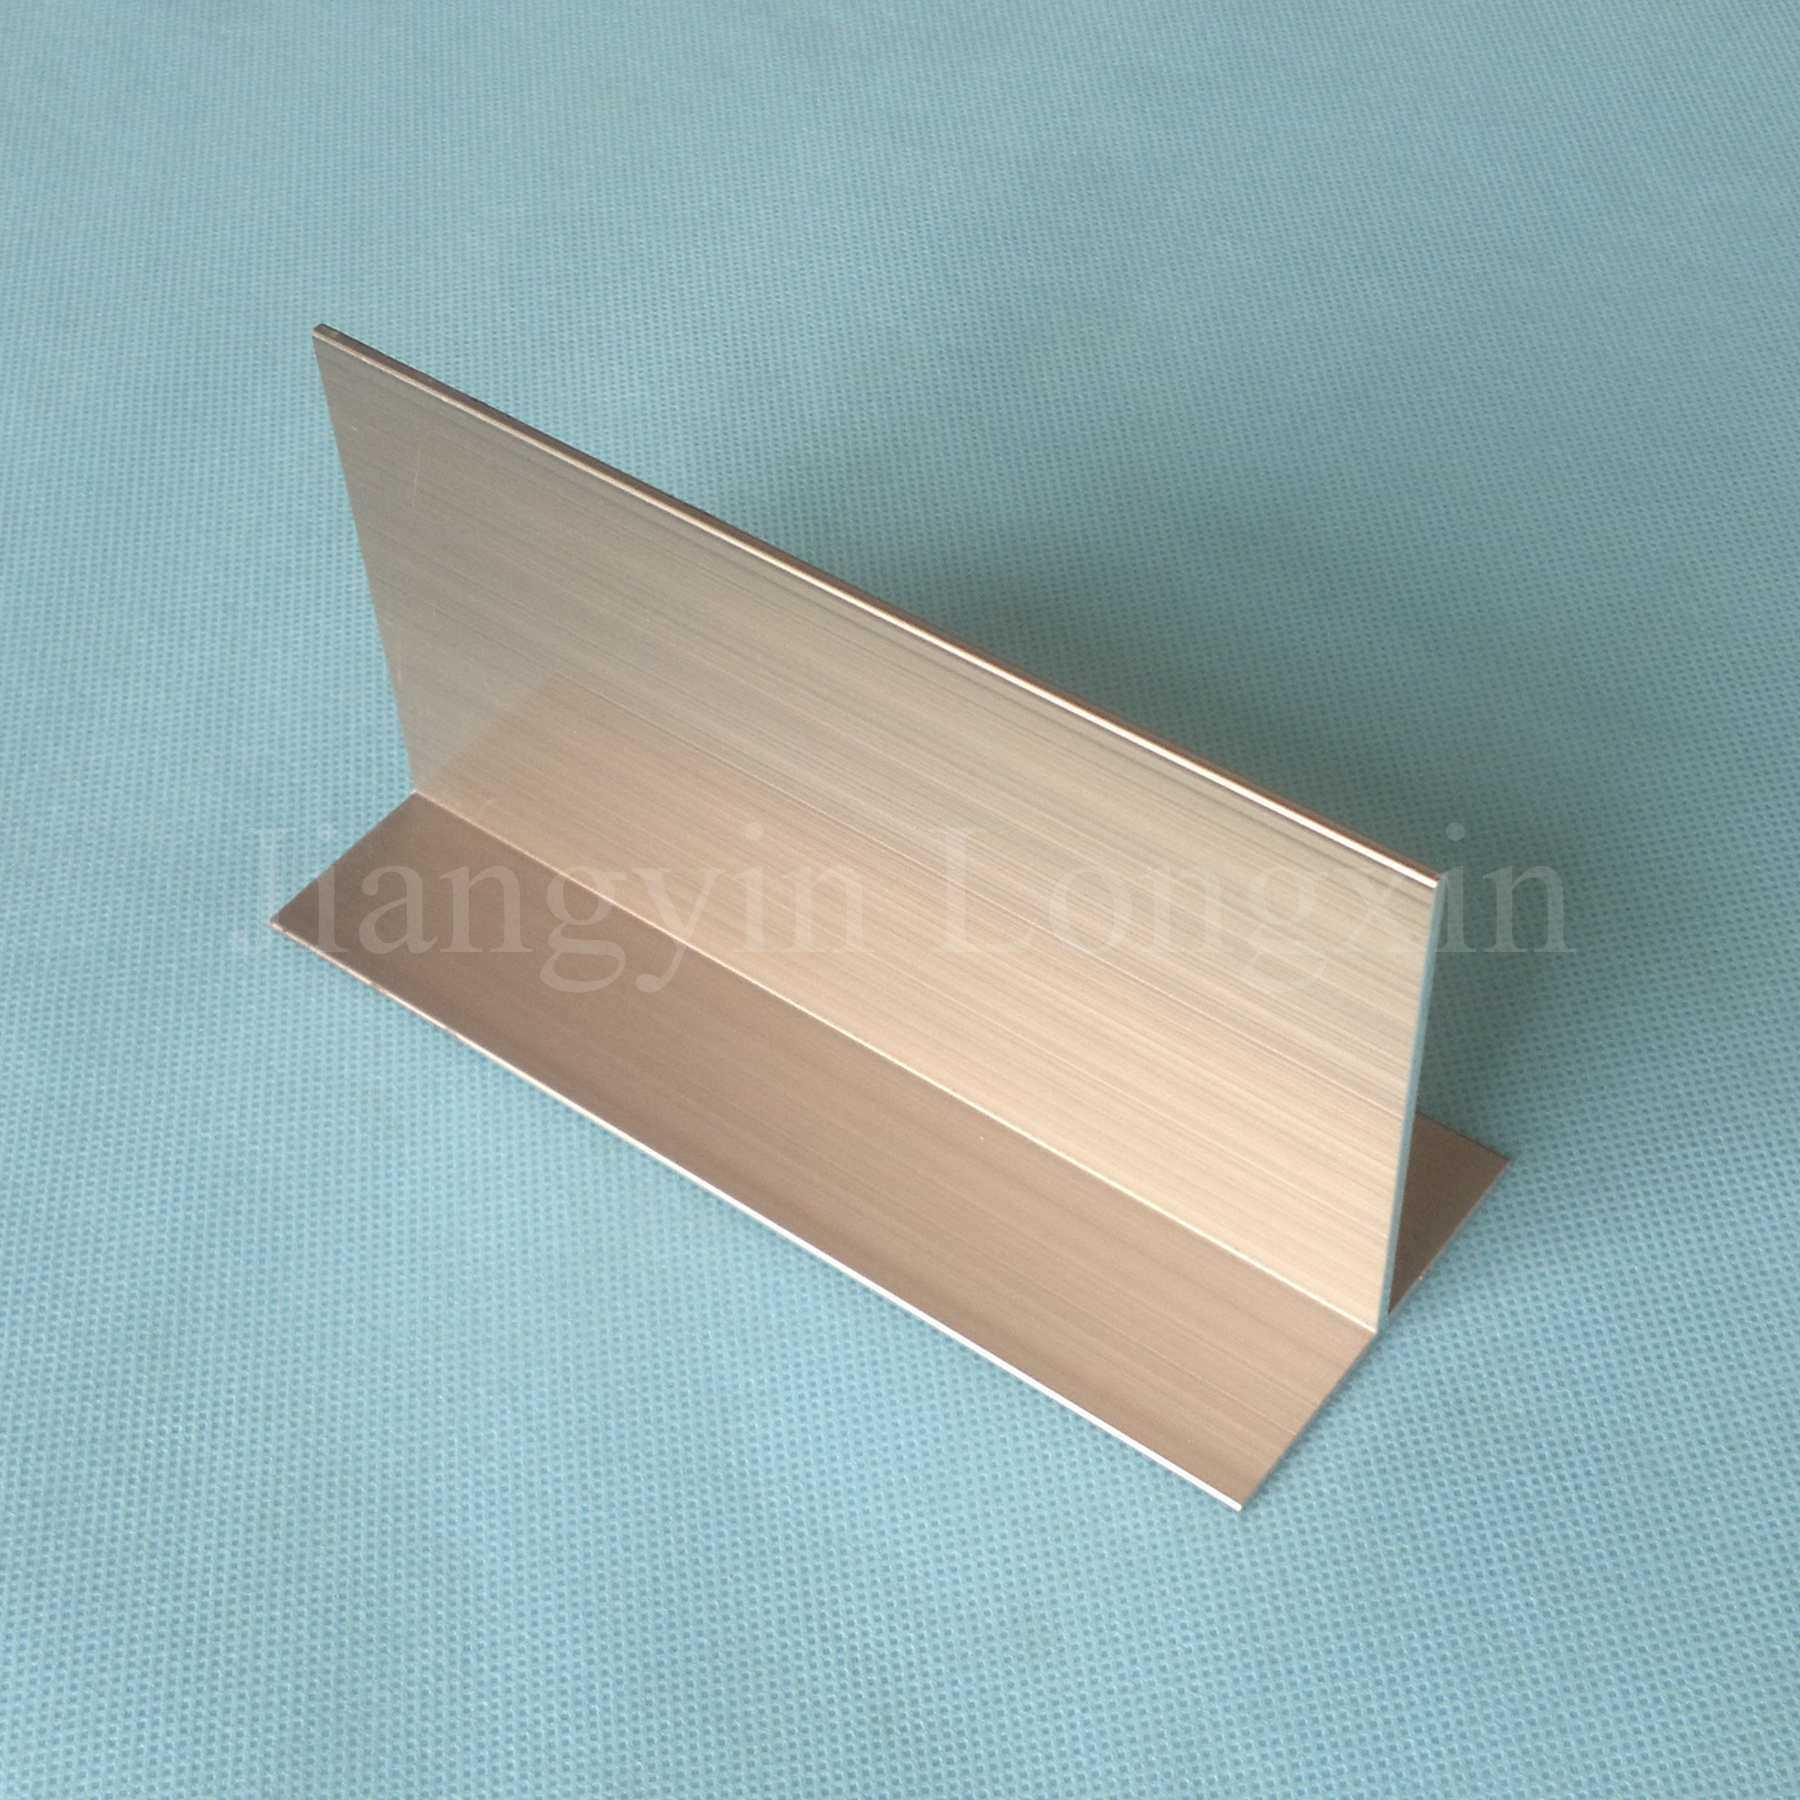 Foto de champagne t shape perfil de alum nio anodizado em - Perfil aluminio anodizado ...